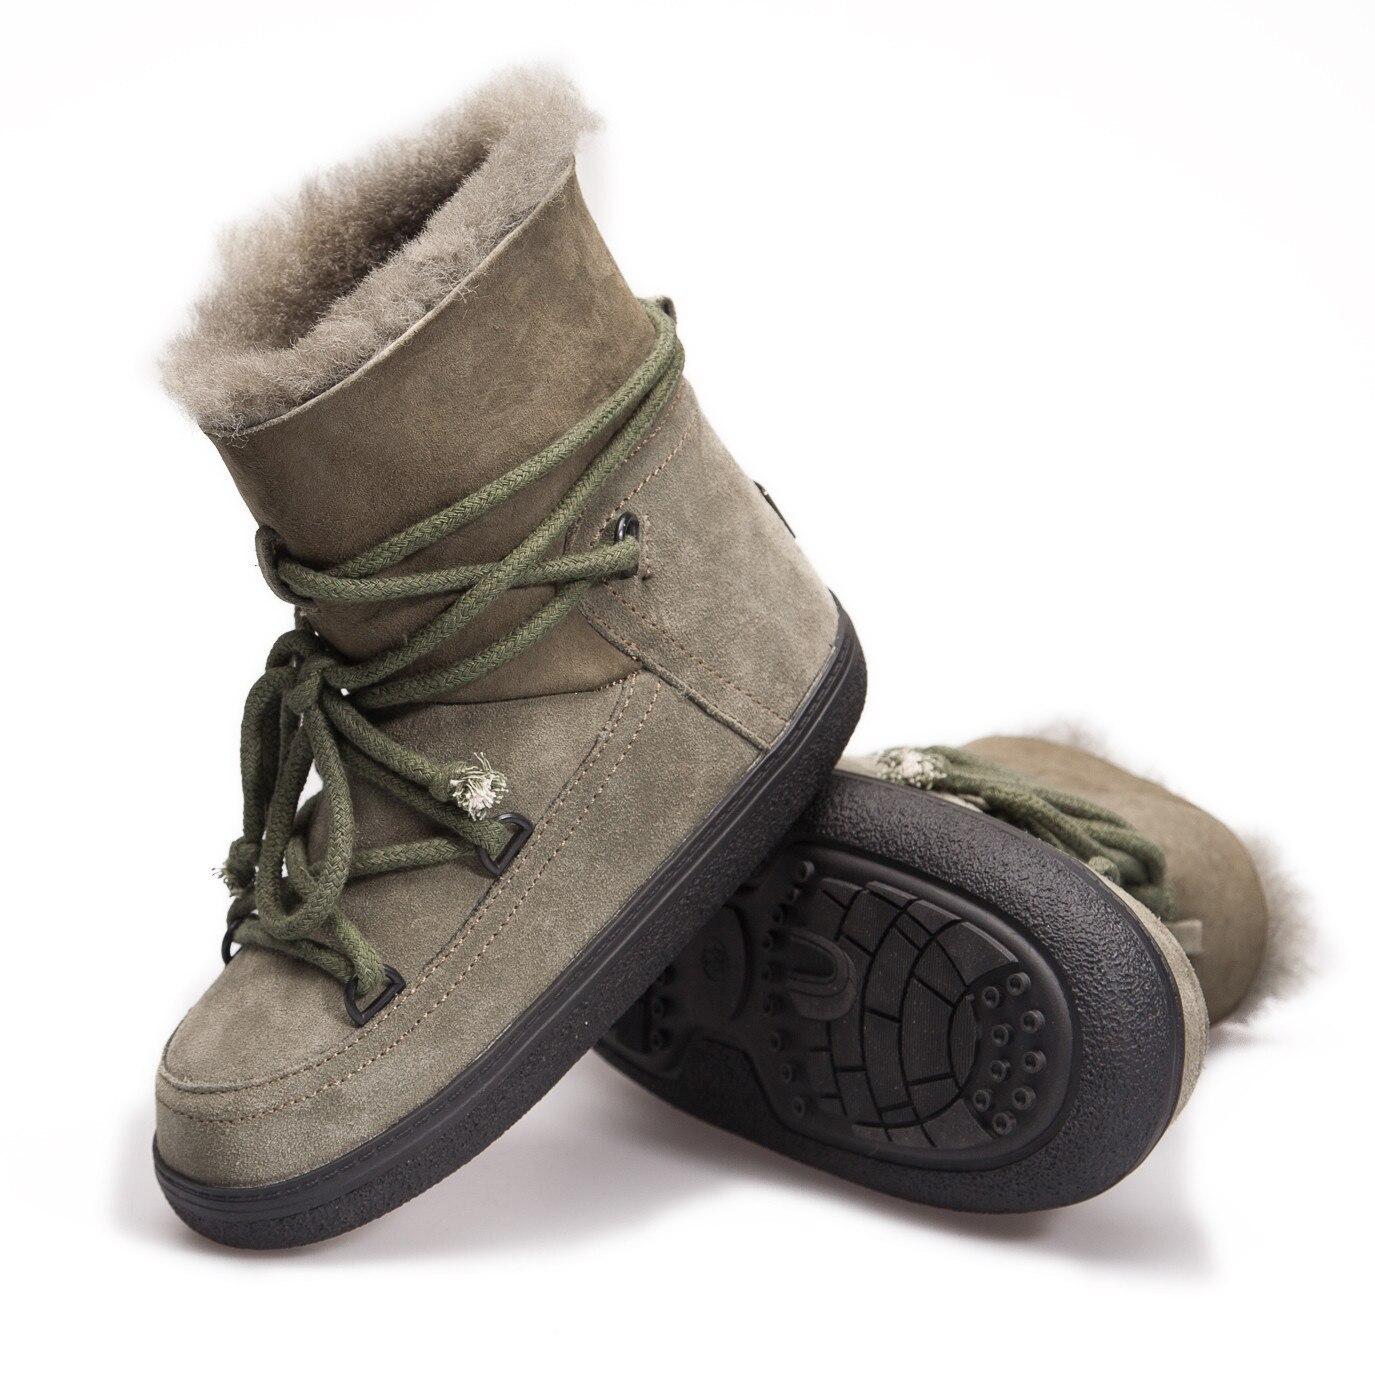 Green Cuero Calidad Mujeres Alta Lana Invierno Zapatos De Botas Mujer La  Las Moda Genuino army Cuculus Para grey Nieve ... 0e2185bebc76